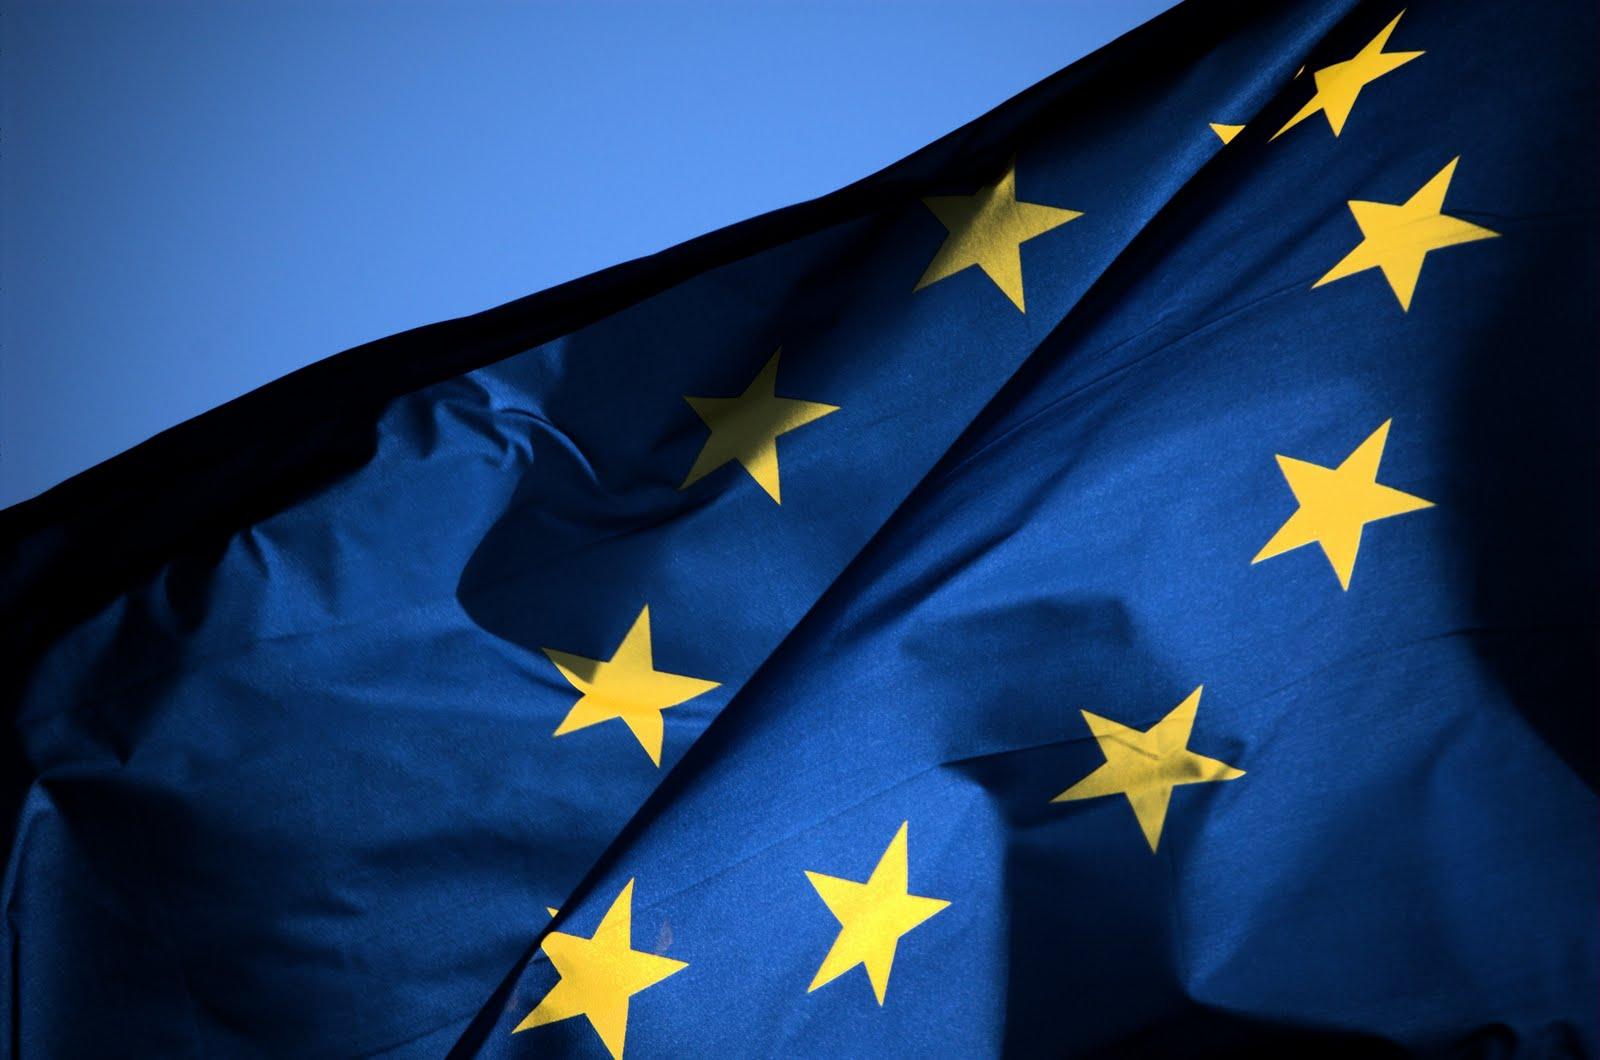 O NOUĂ ŢARĂ AR PUTEA APĂREA ÎN EUROPA. ACEASTA NU VA PUTEA FACE PARTE NICIODATĂ DIN UE